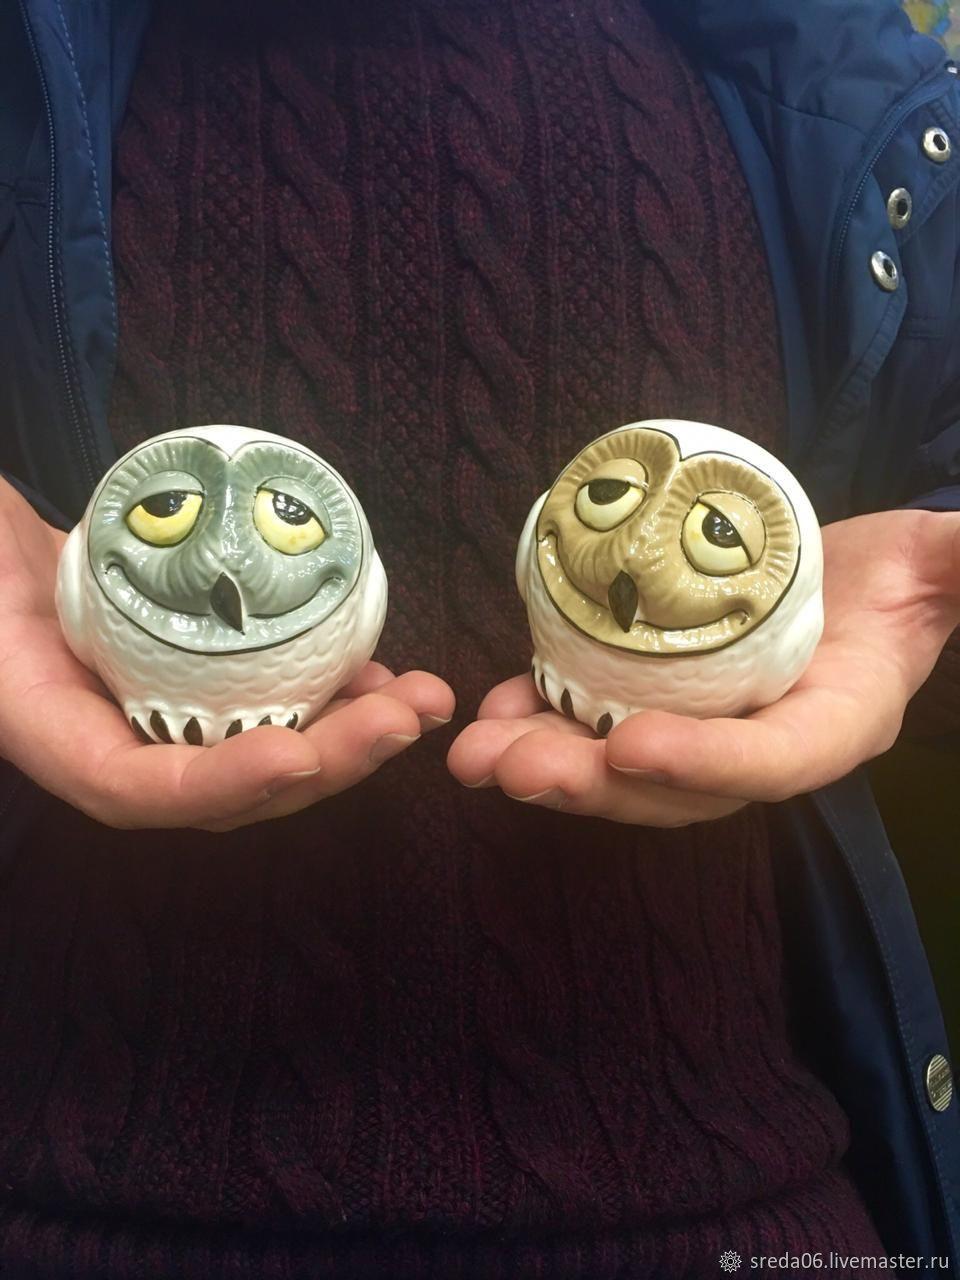 happy owl figurine faience, Figurines, Sergiev Posad,  Фото №1